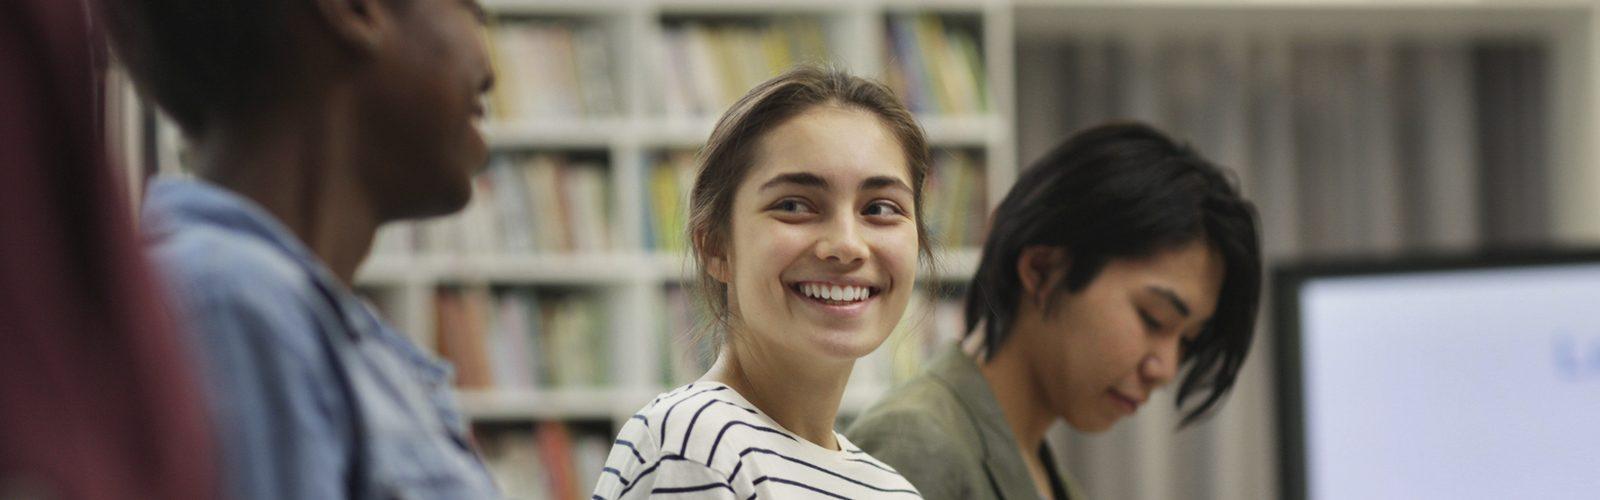 Imagem genérica de uma garota ao lado de outros jovens